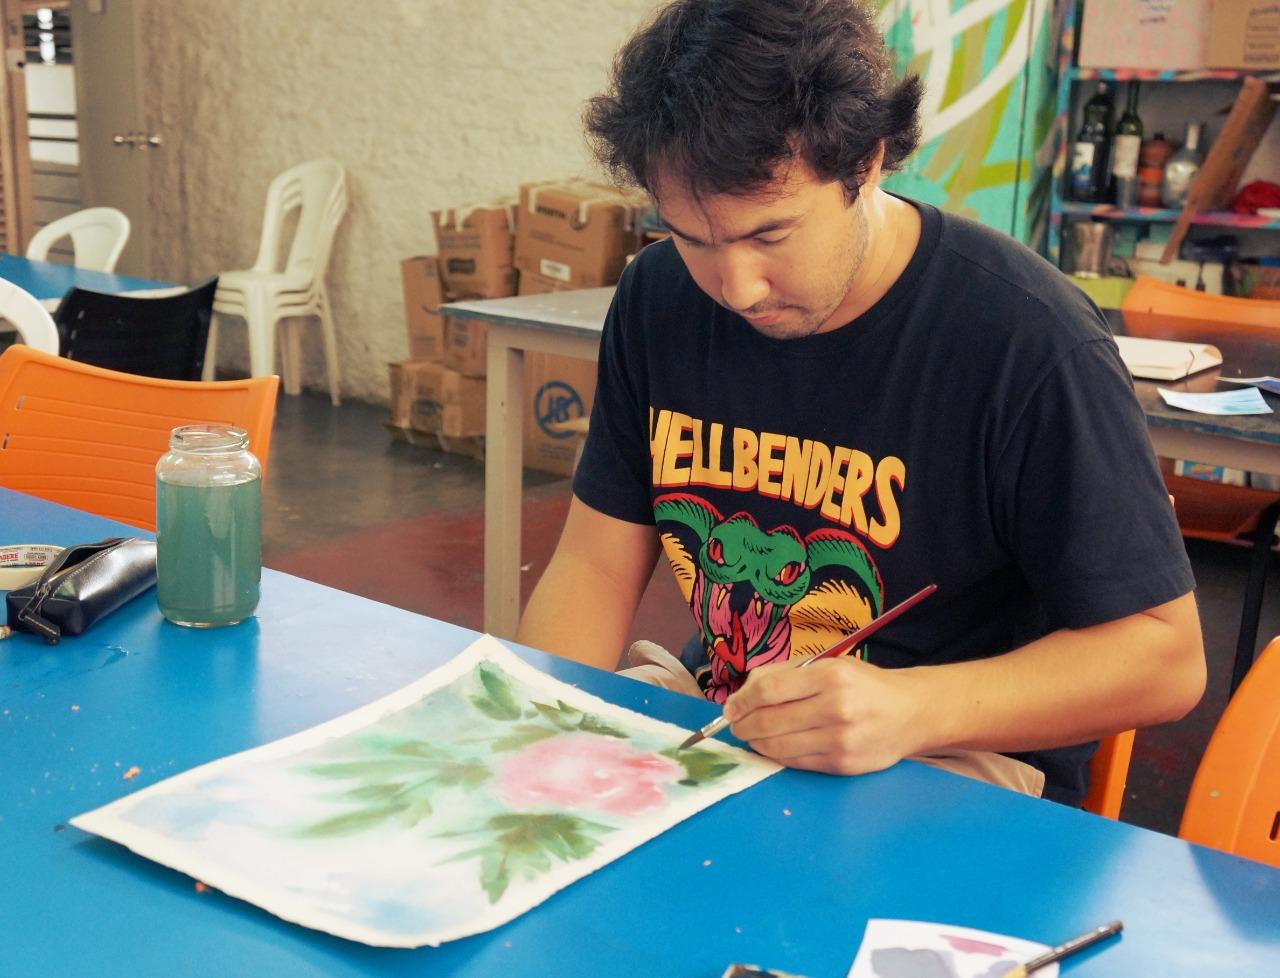 Professor do Basileu França é selecionado para conferência artística em aquarela, na Itália